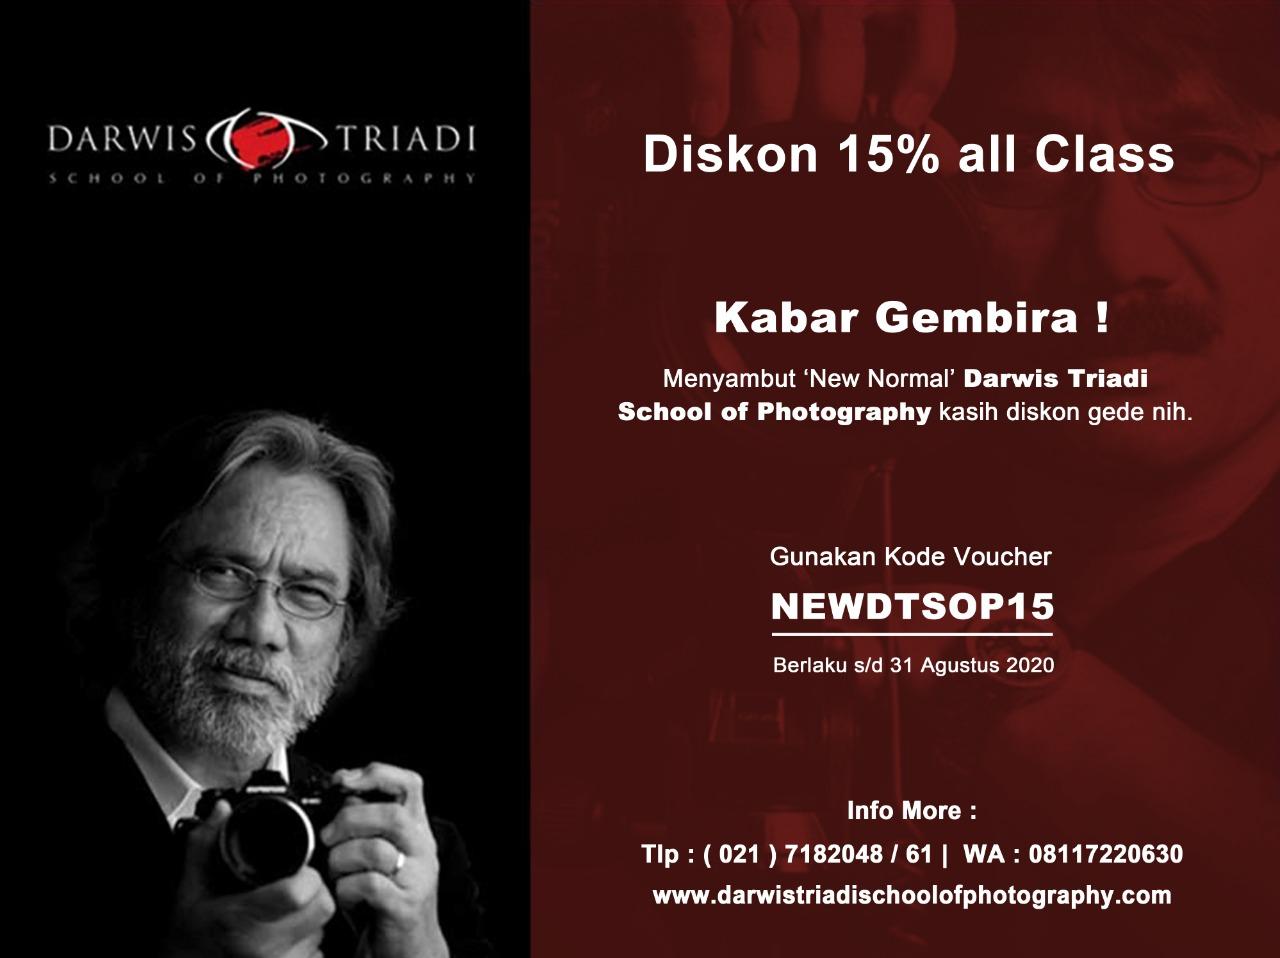 Belajar Foto di Darwis Triadi, Dapatkan Promonya!